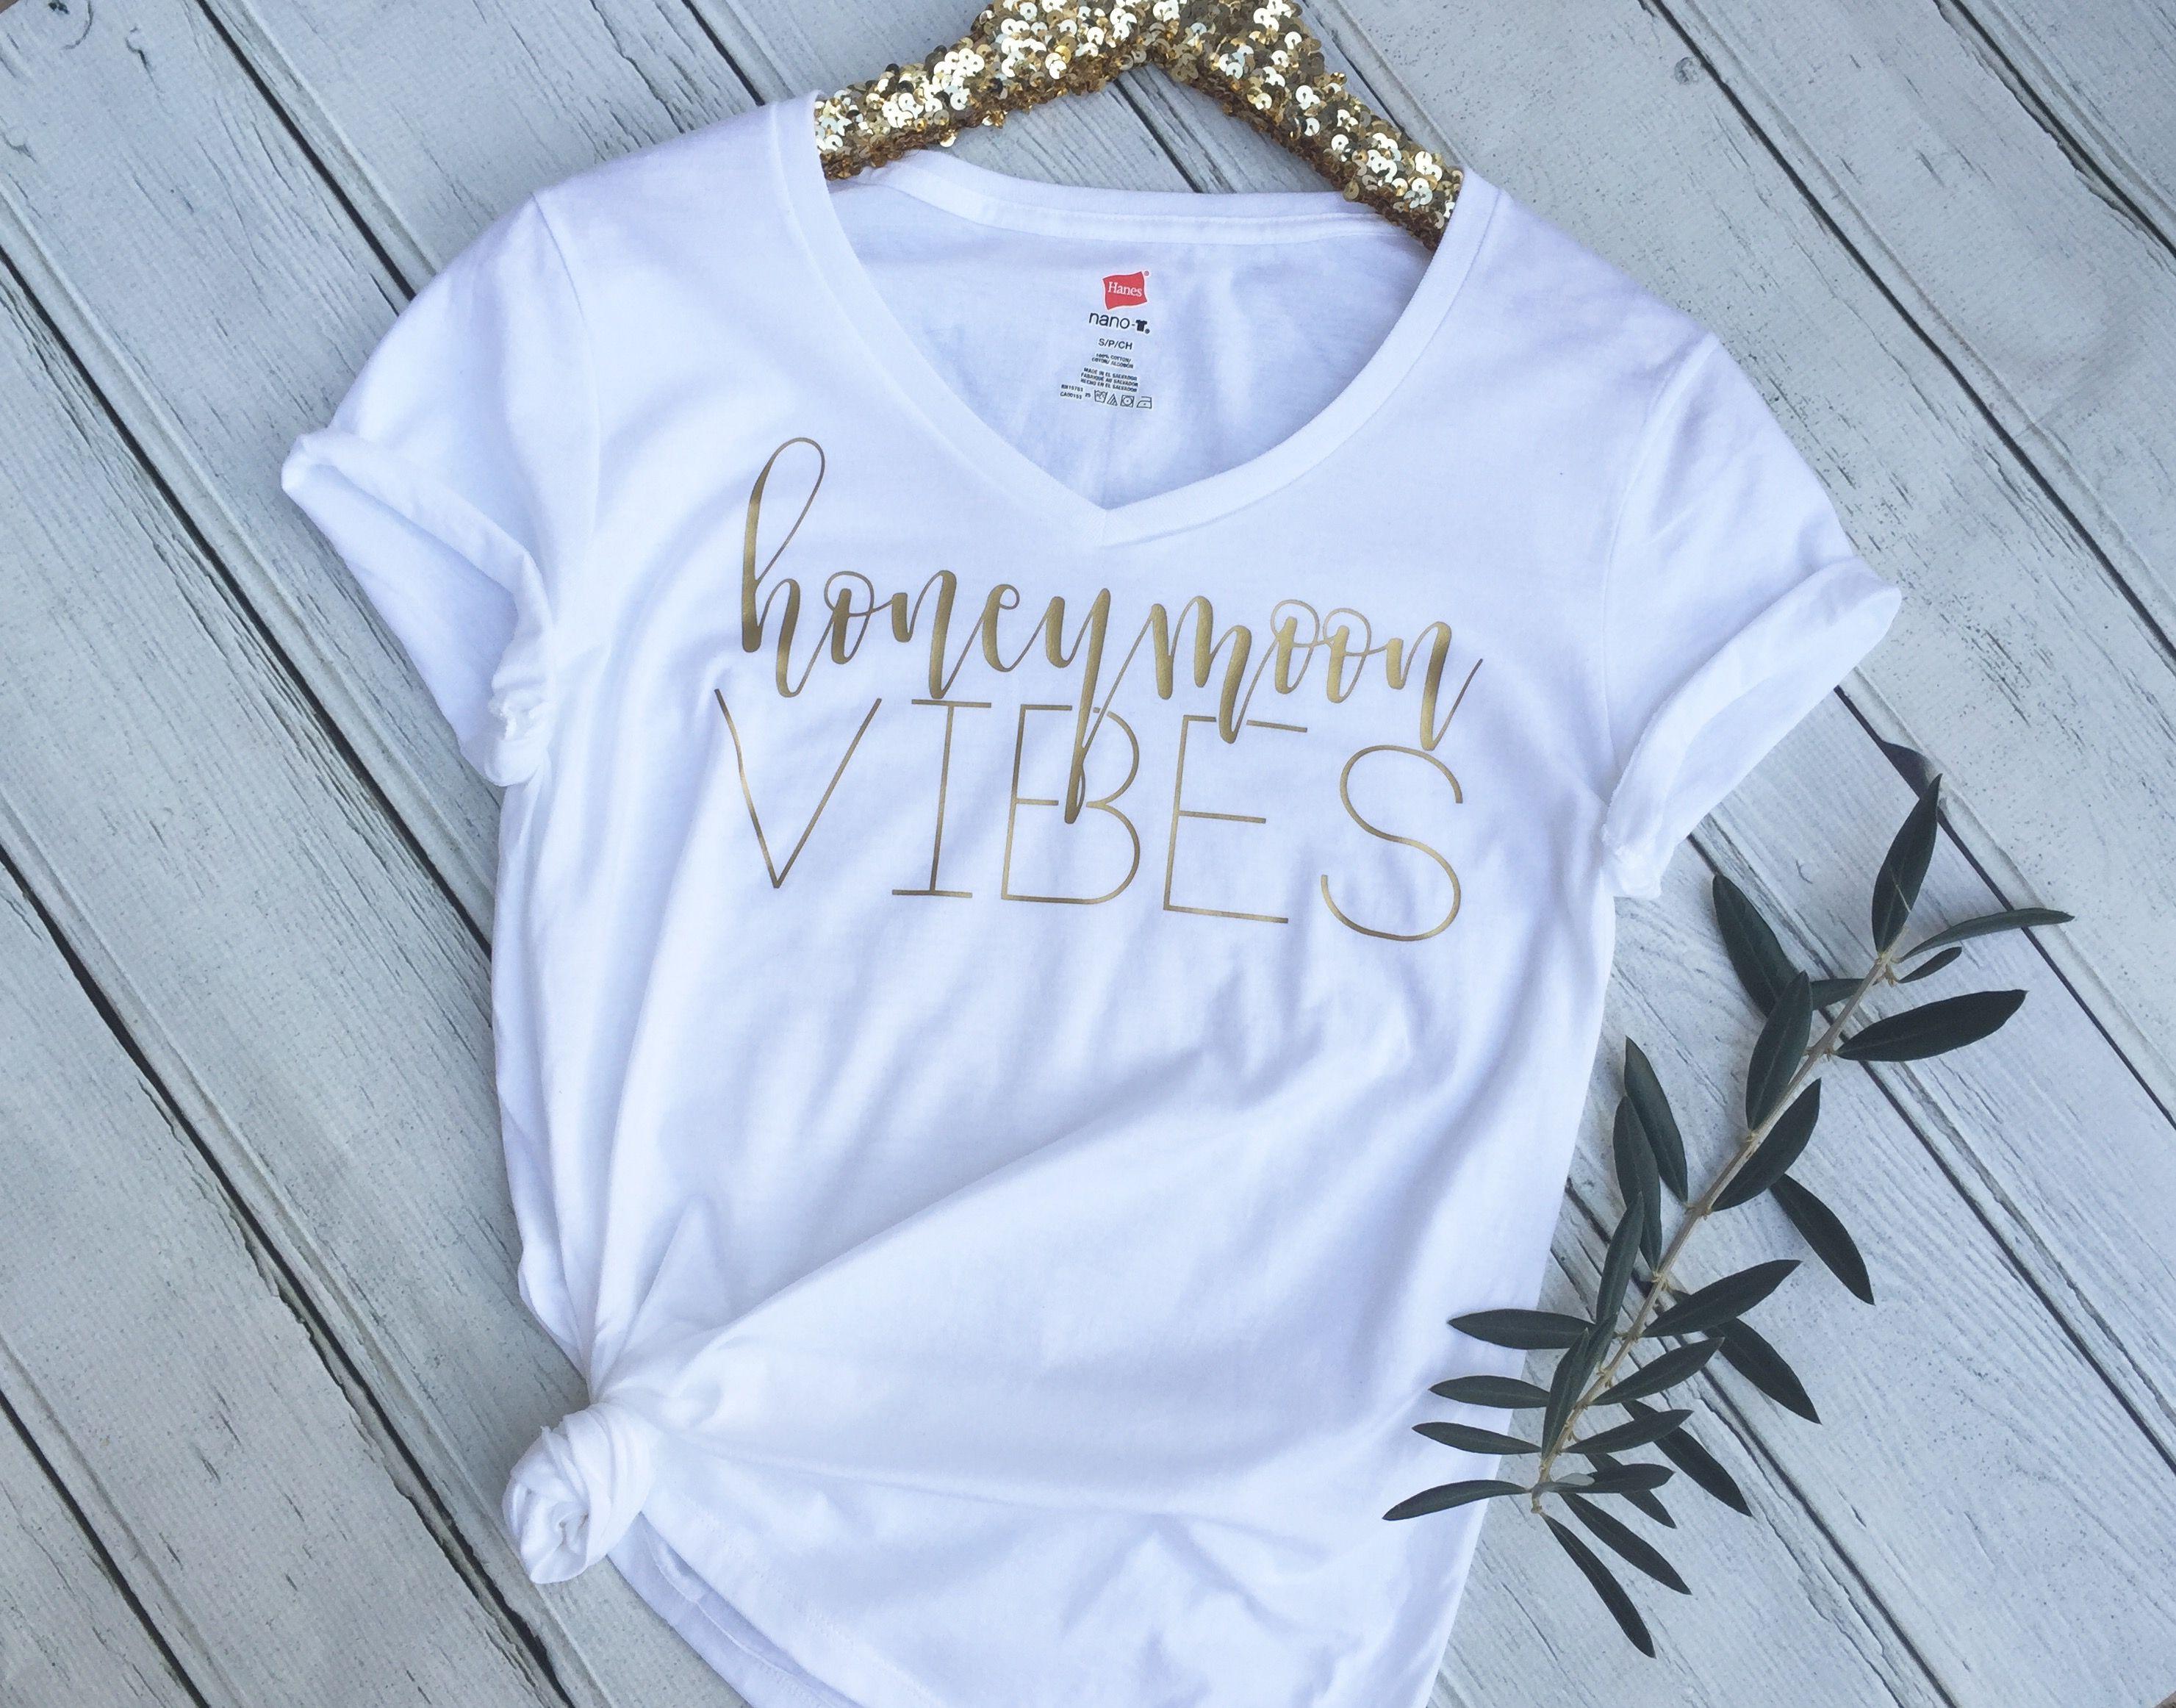 54b28835 Honeymoon Shirt, Honeymoon Vibes, Honeymoonin, Just Married Shirt, Future  Mrs. Shirt, Engagement Gift, Bridal Shower Gift, Wedding Gift, Just  Married, I do, ...